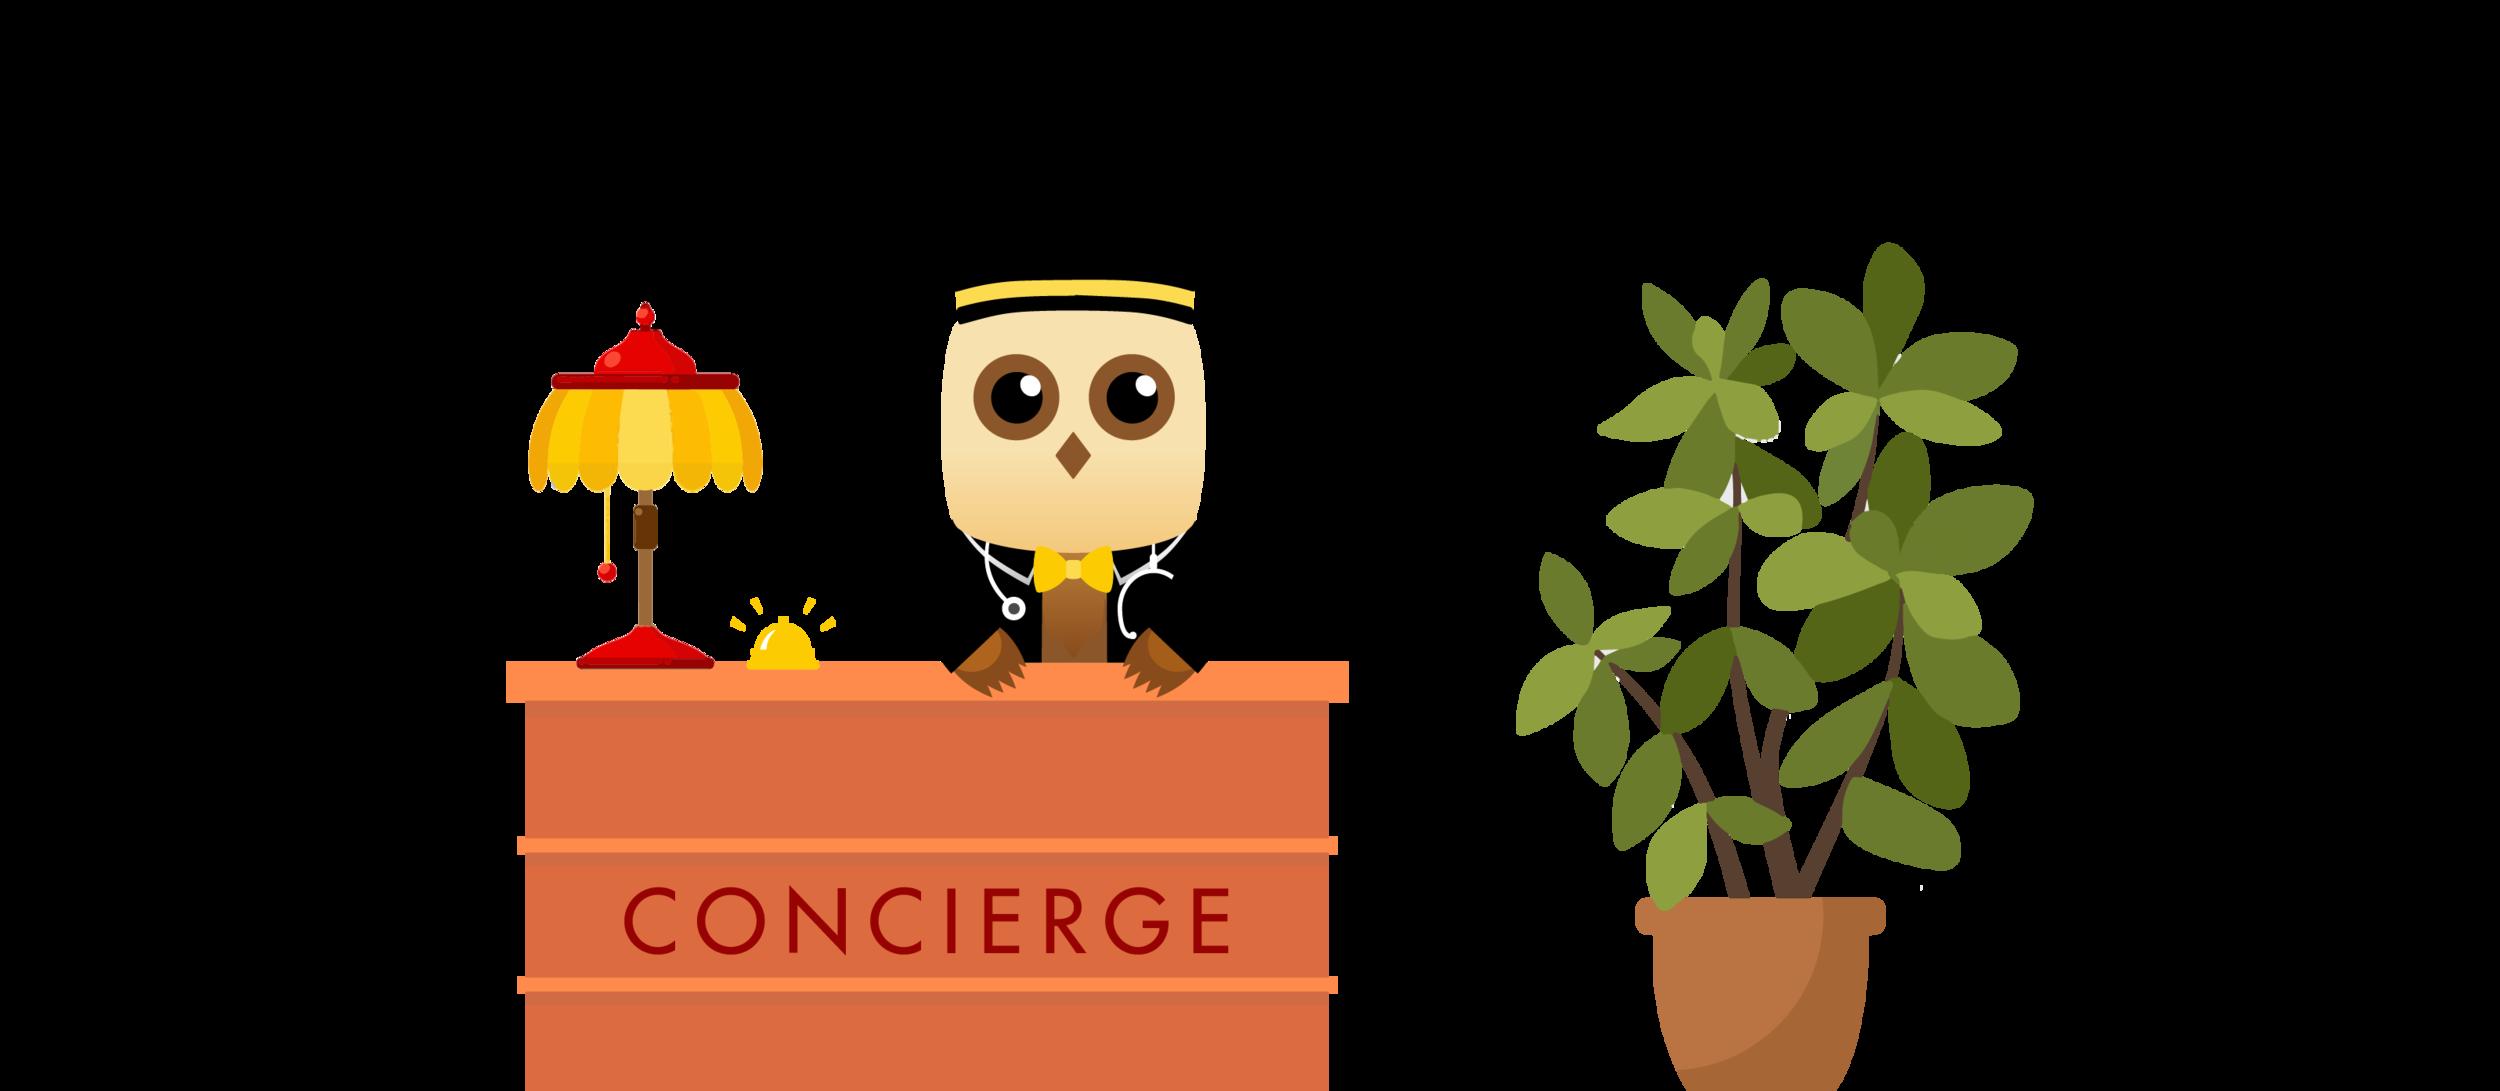 OWL_concierge_2-04.png